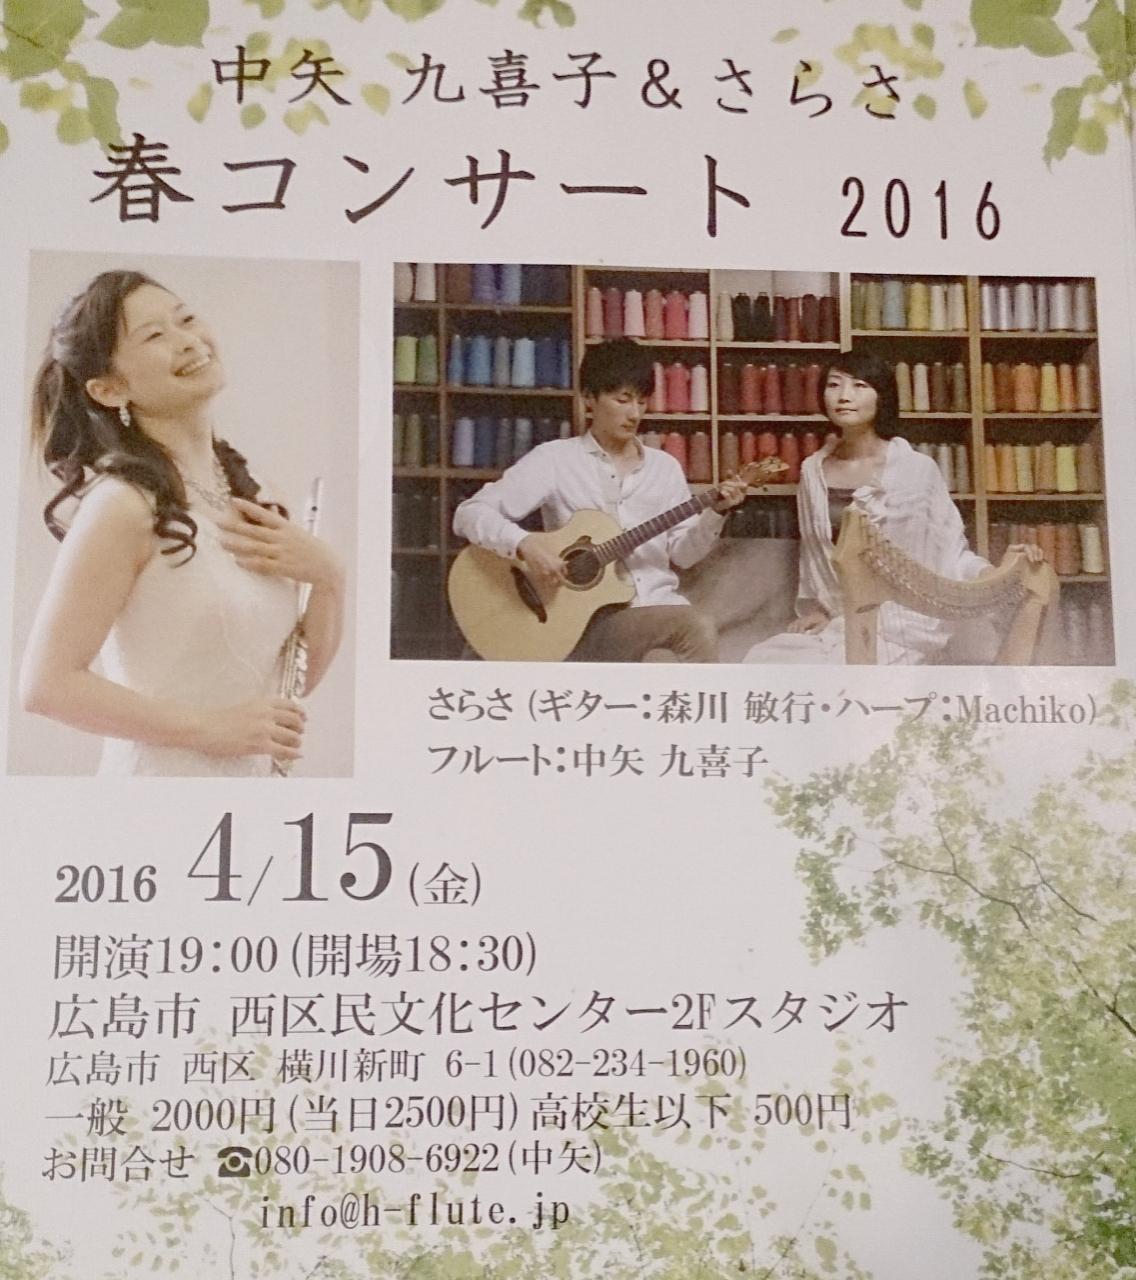 中矢九喜子&さらさ 春コンサート